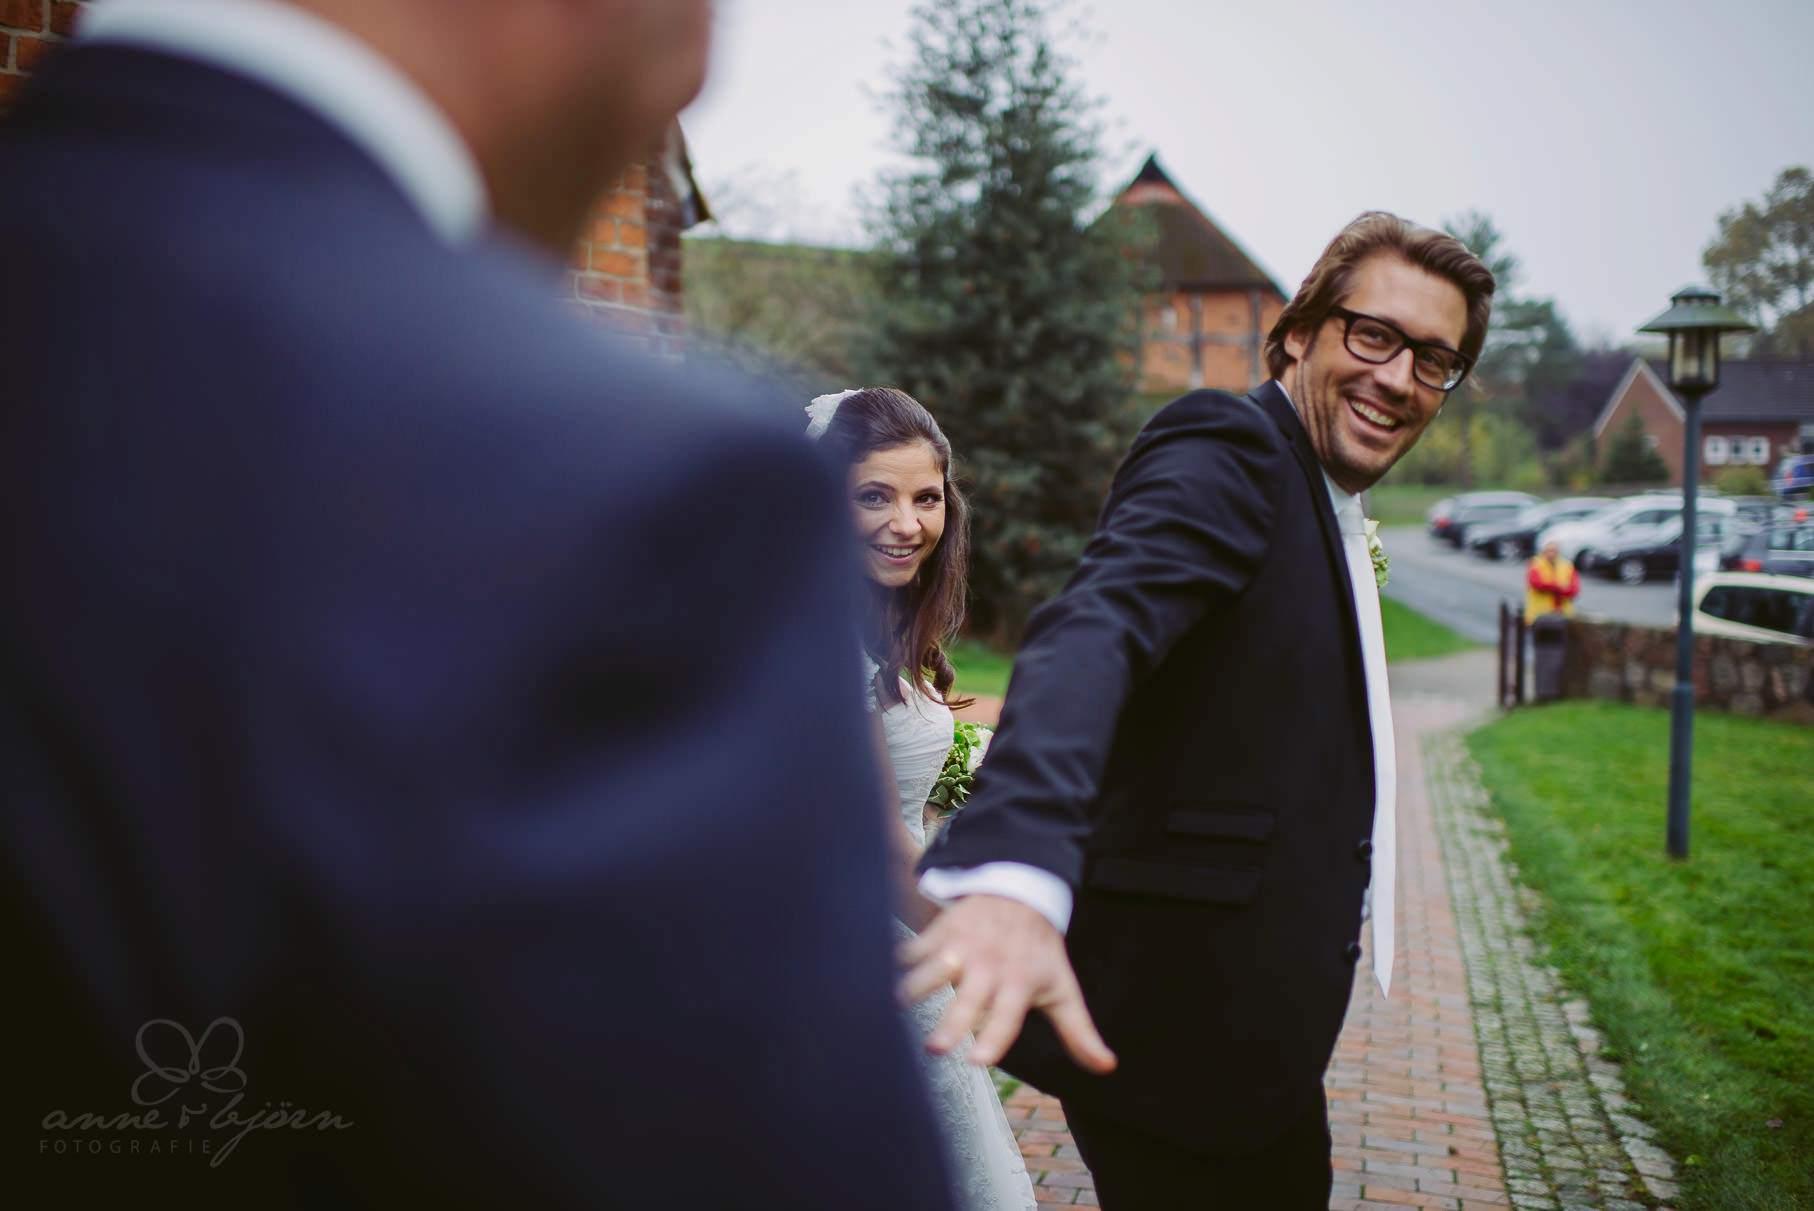 0070 aub 812 9601 - Hochzeit auf Gut Thansen - Anja & Björn